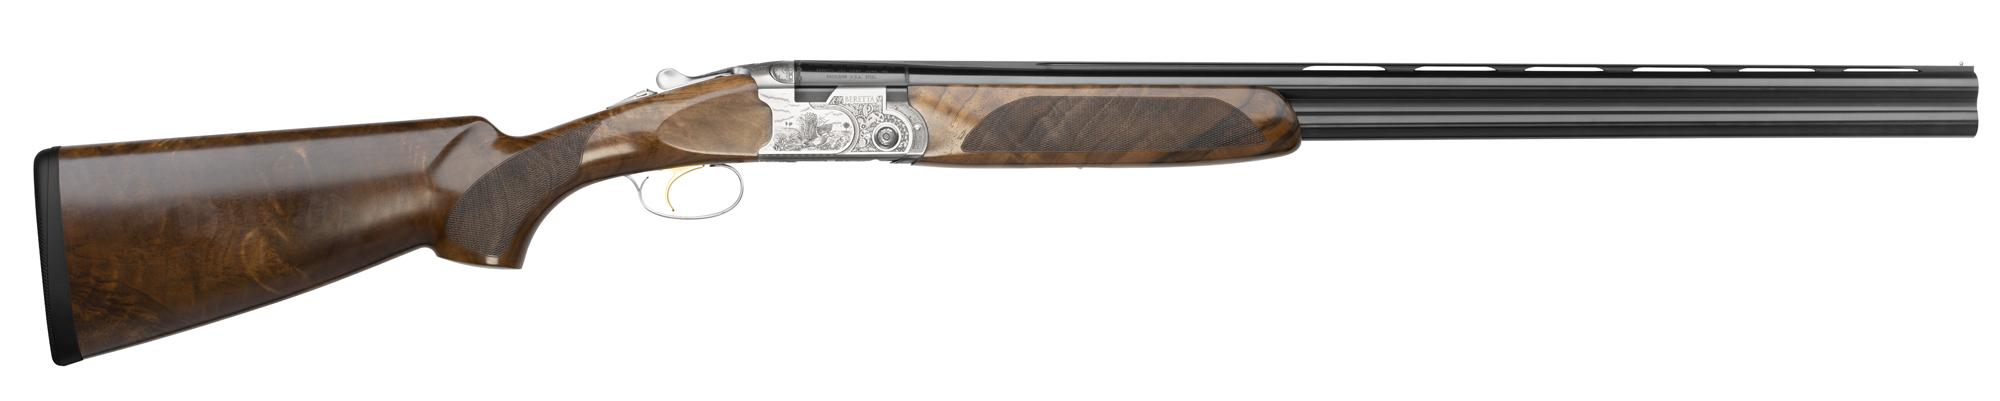 Beretta Silver Pigeon III, il nuovo fucile da caccia di Beretta